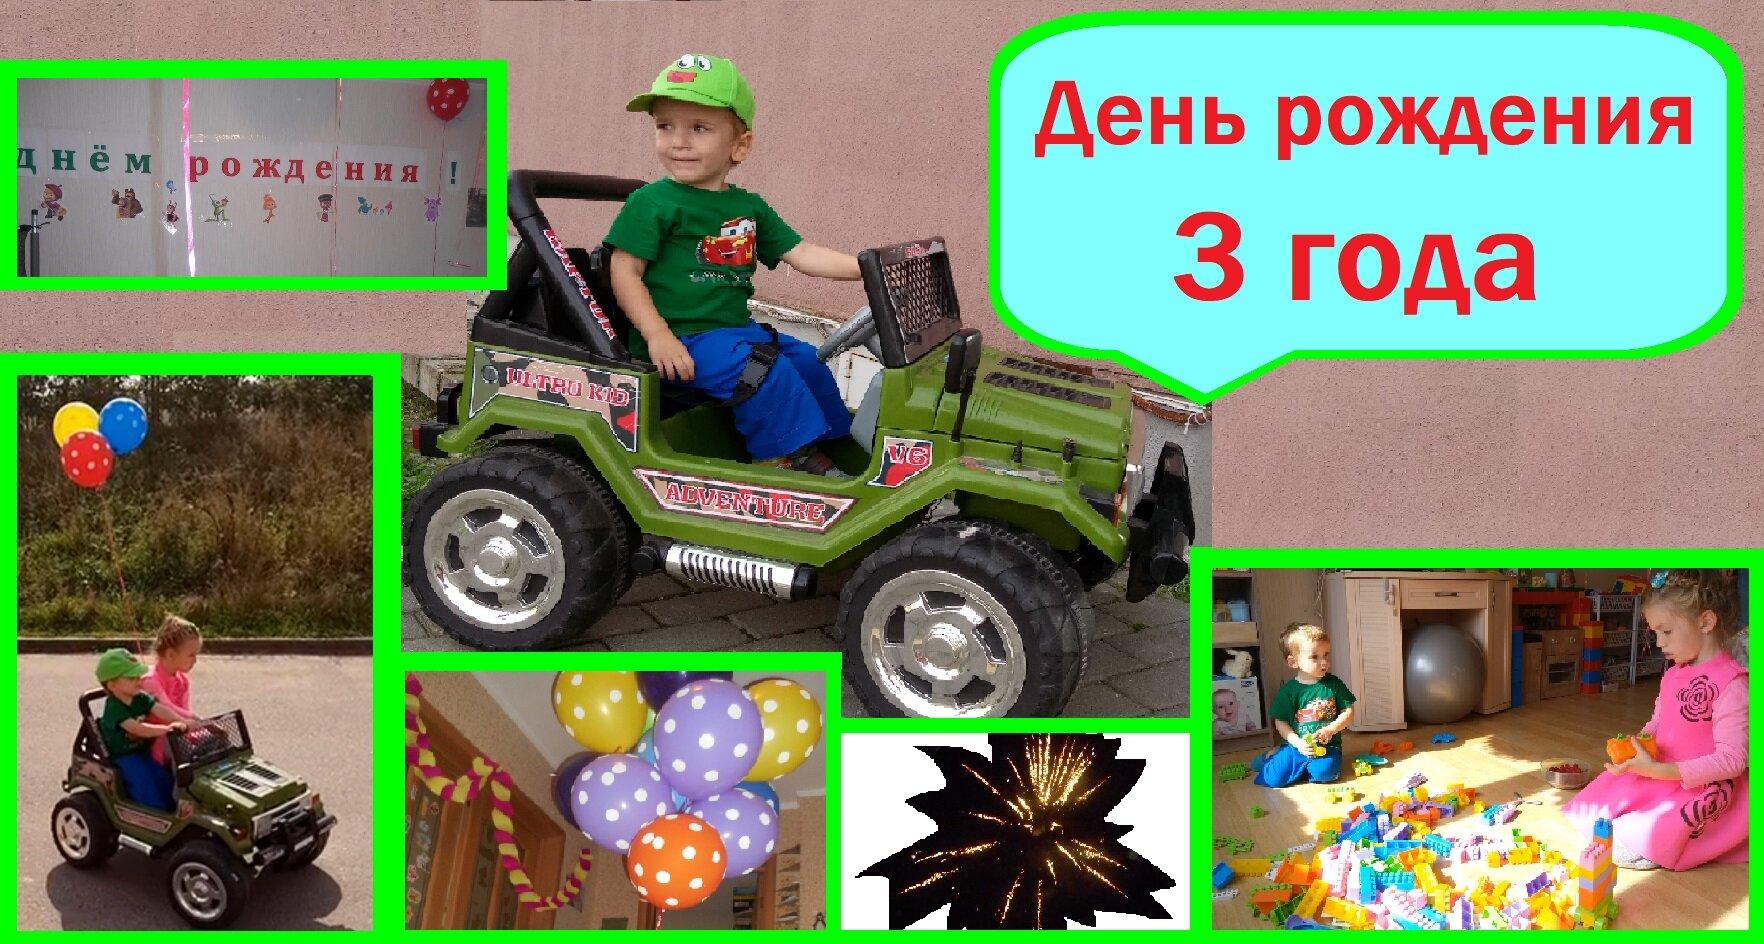 Подарок на день рождения сыну 3 года 16